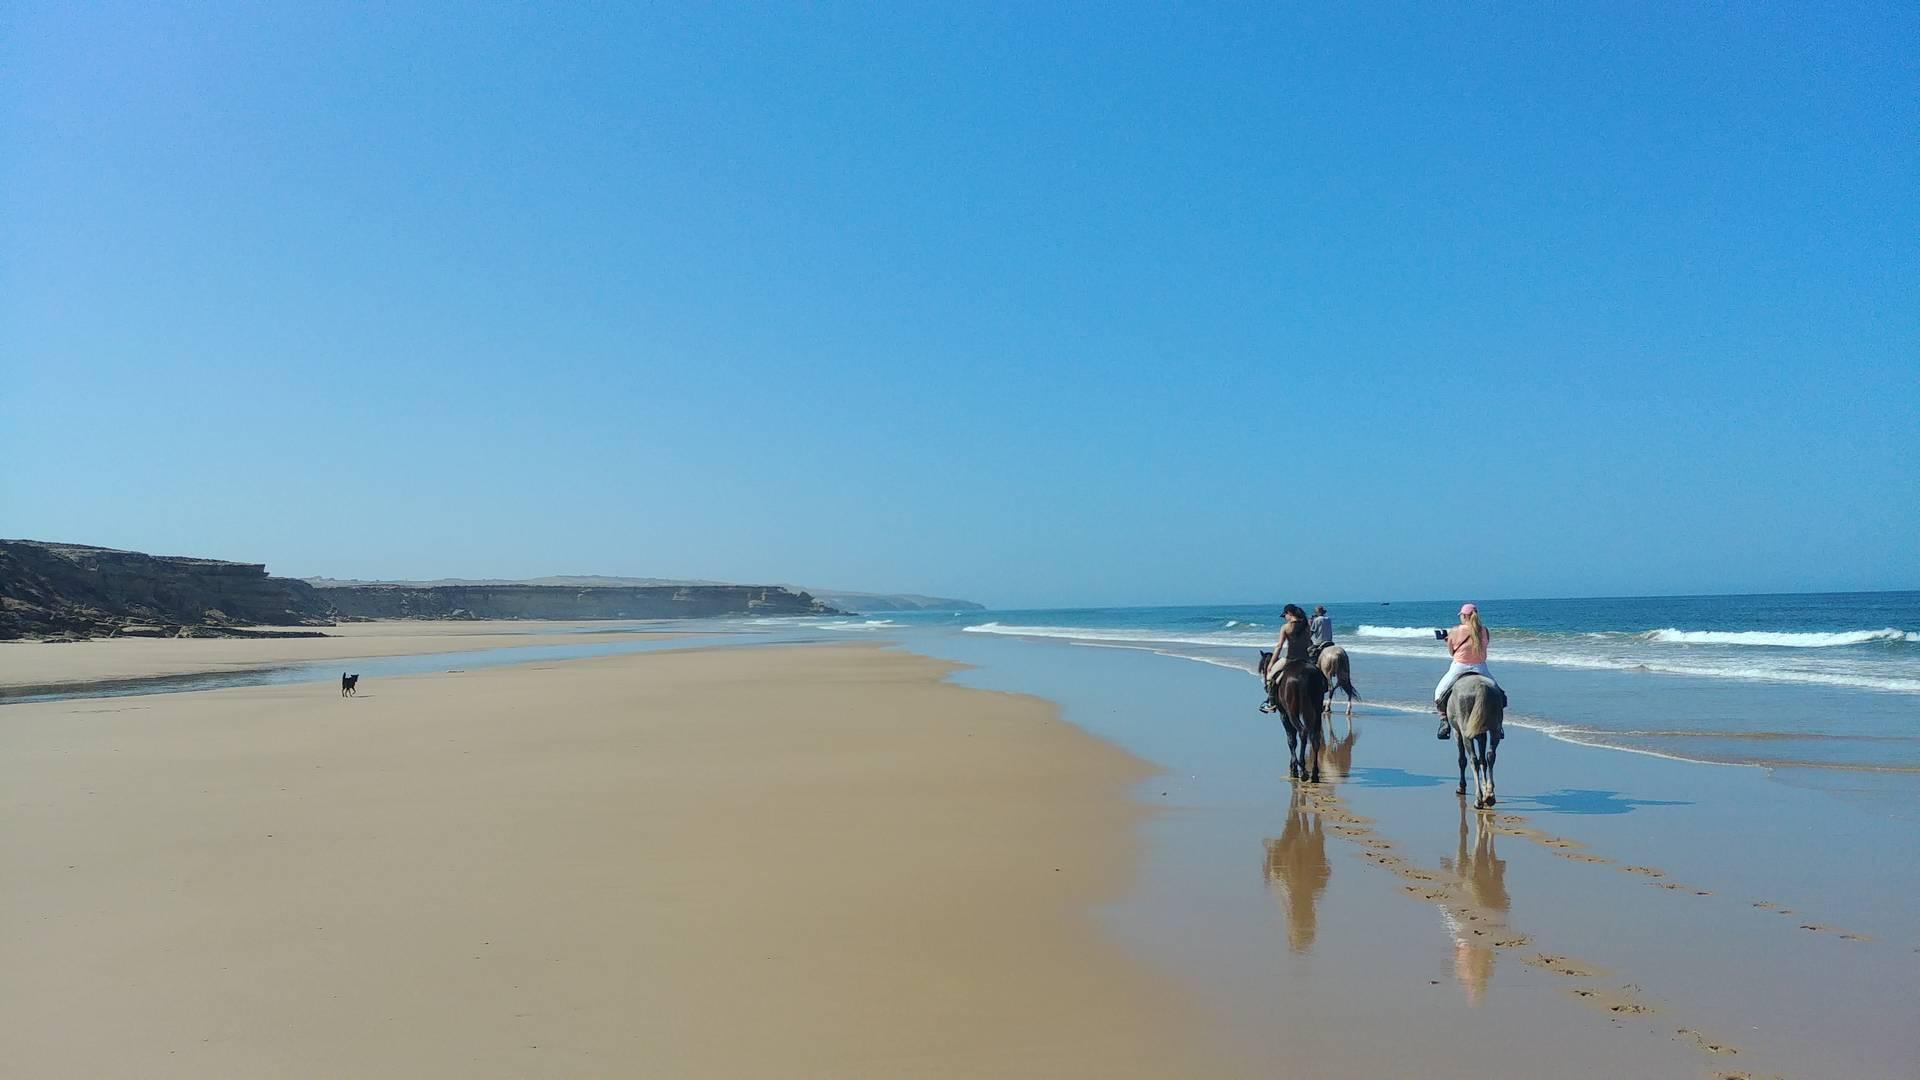 Maroc - Balade à cheval sur la plage à Essaouira